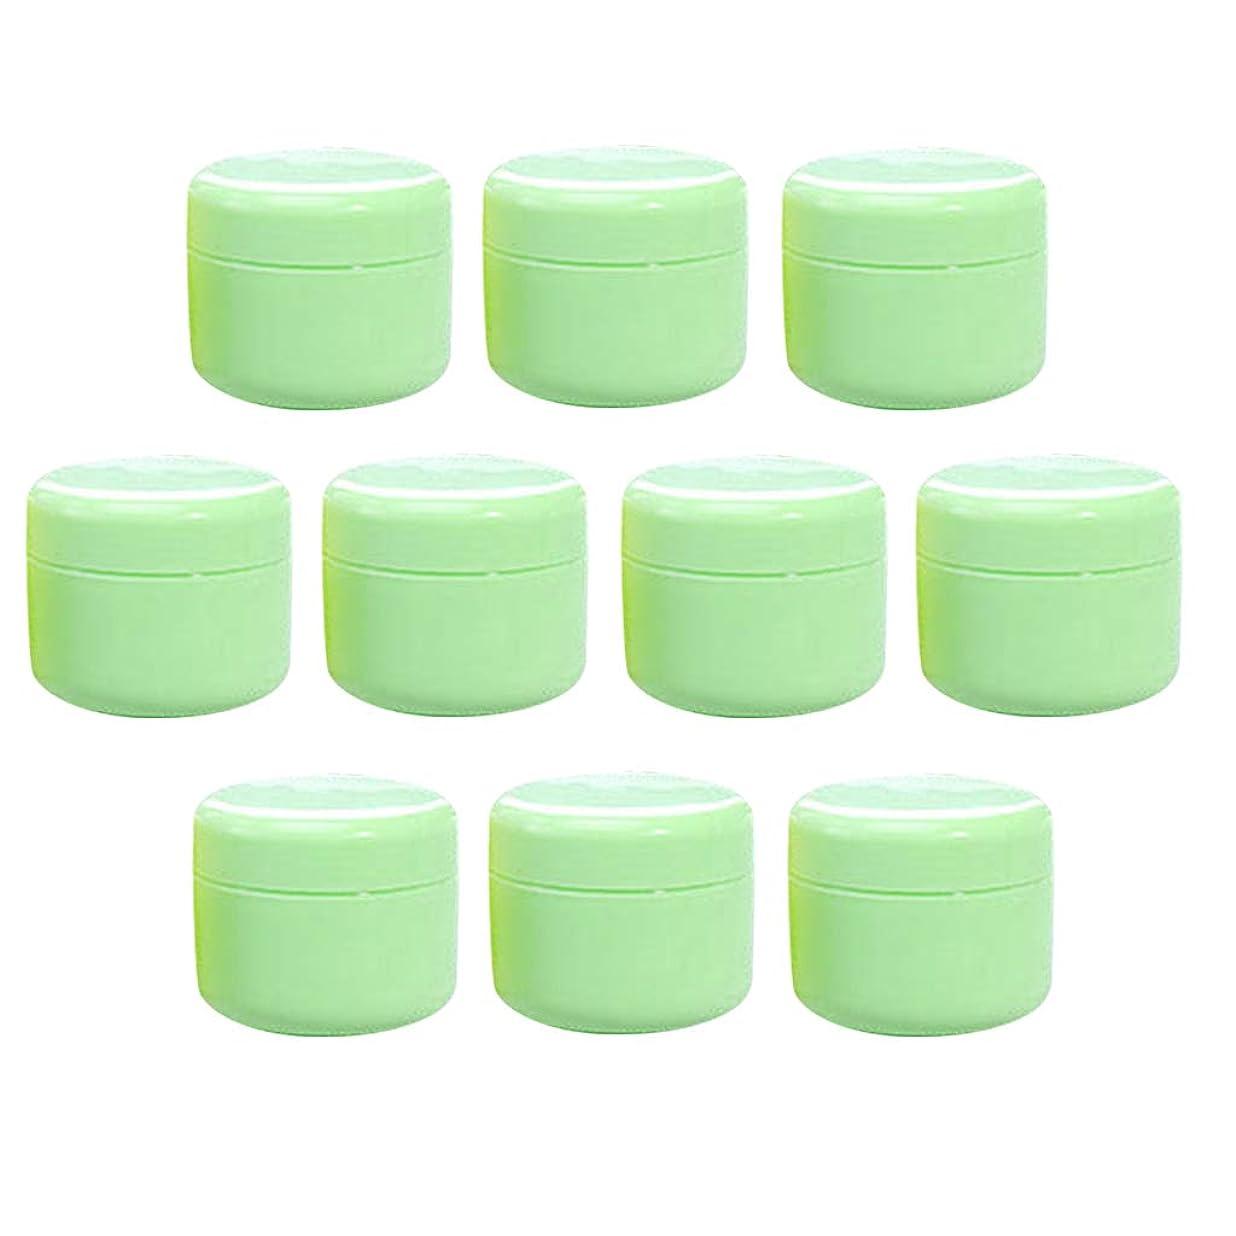 推進、動かす詩人彼女のT TOOYFUL 空のクリーム容器 空のボトル クリームボトル 化粧品容器 詰替え容器 空の瓶 ジャー 全15色10個入り - グリーン50g